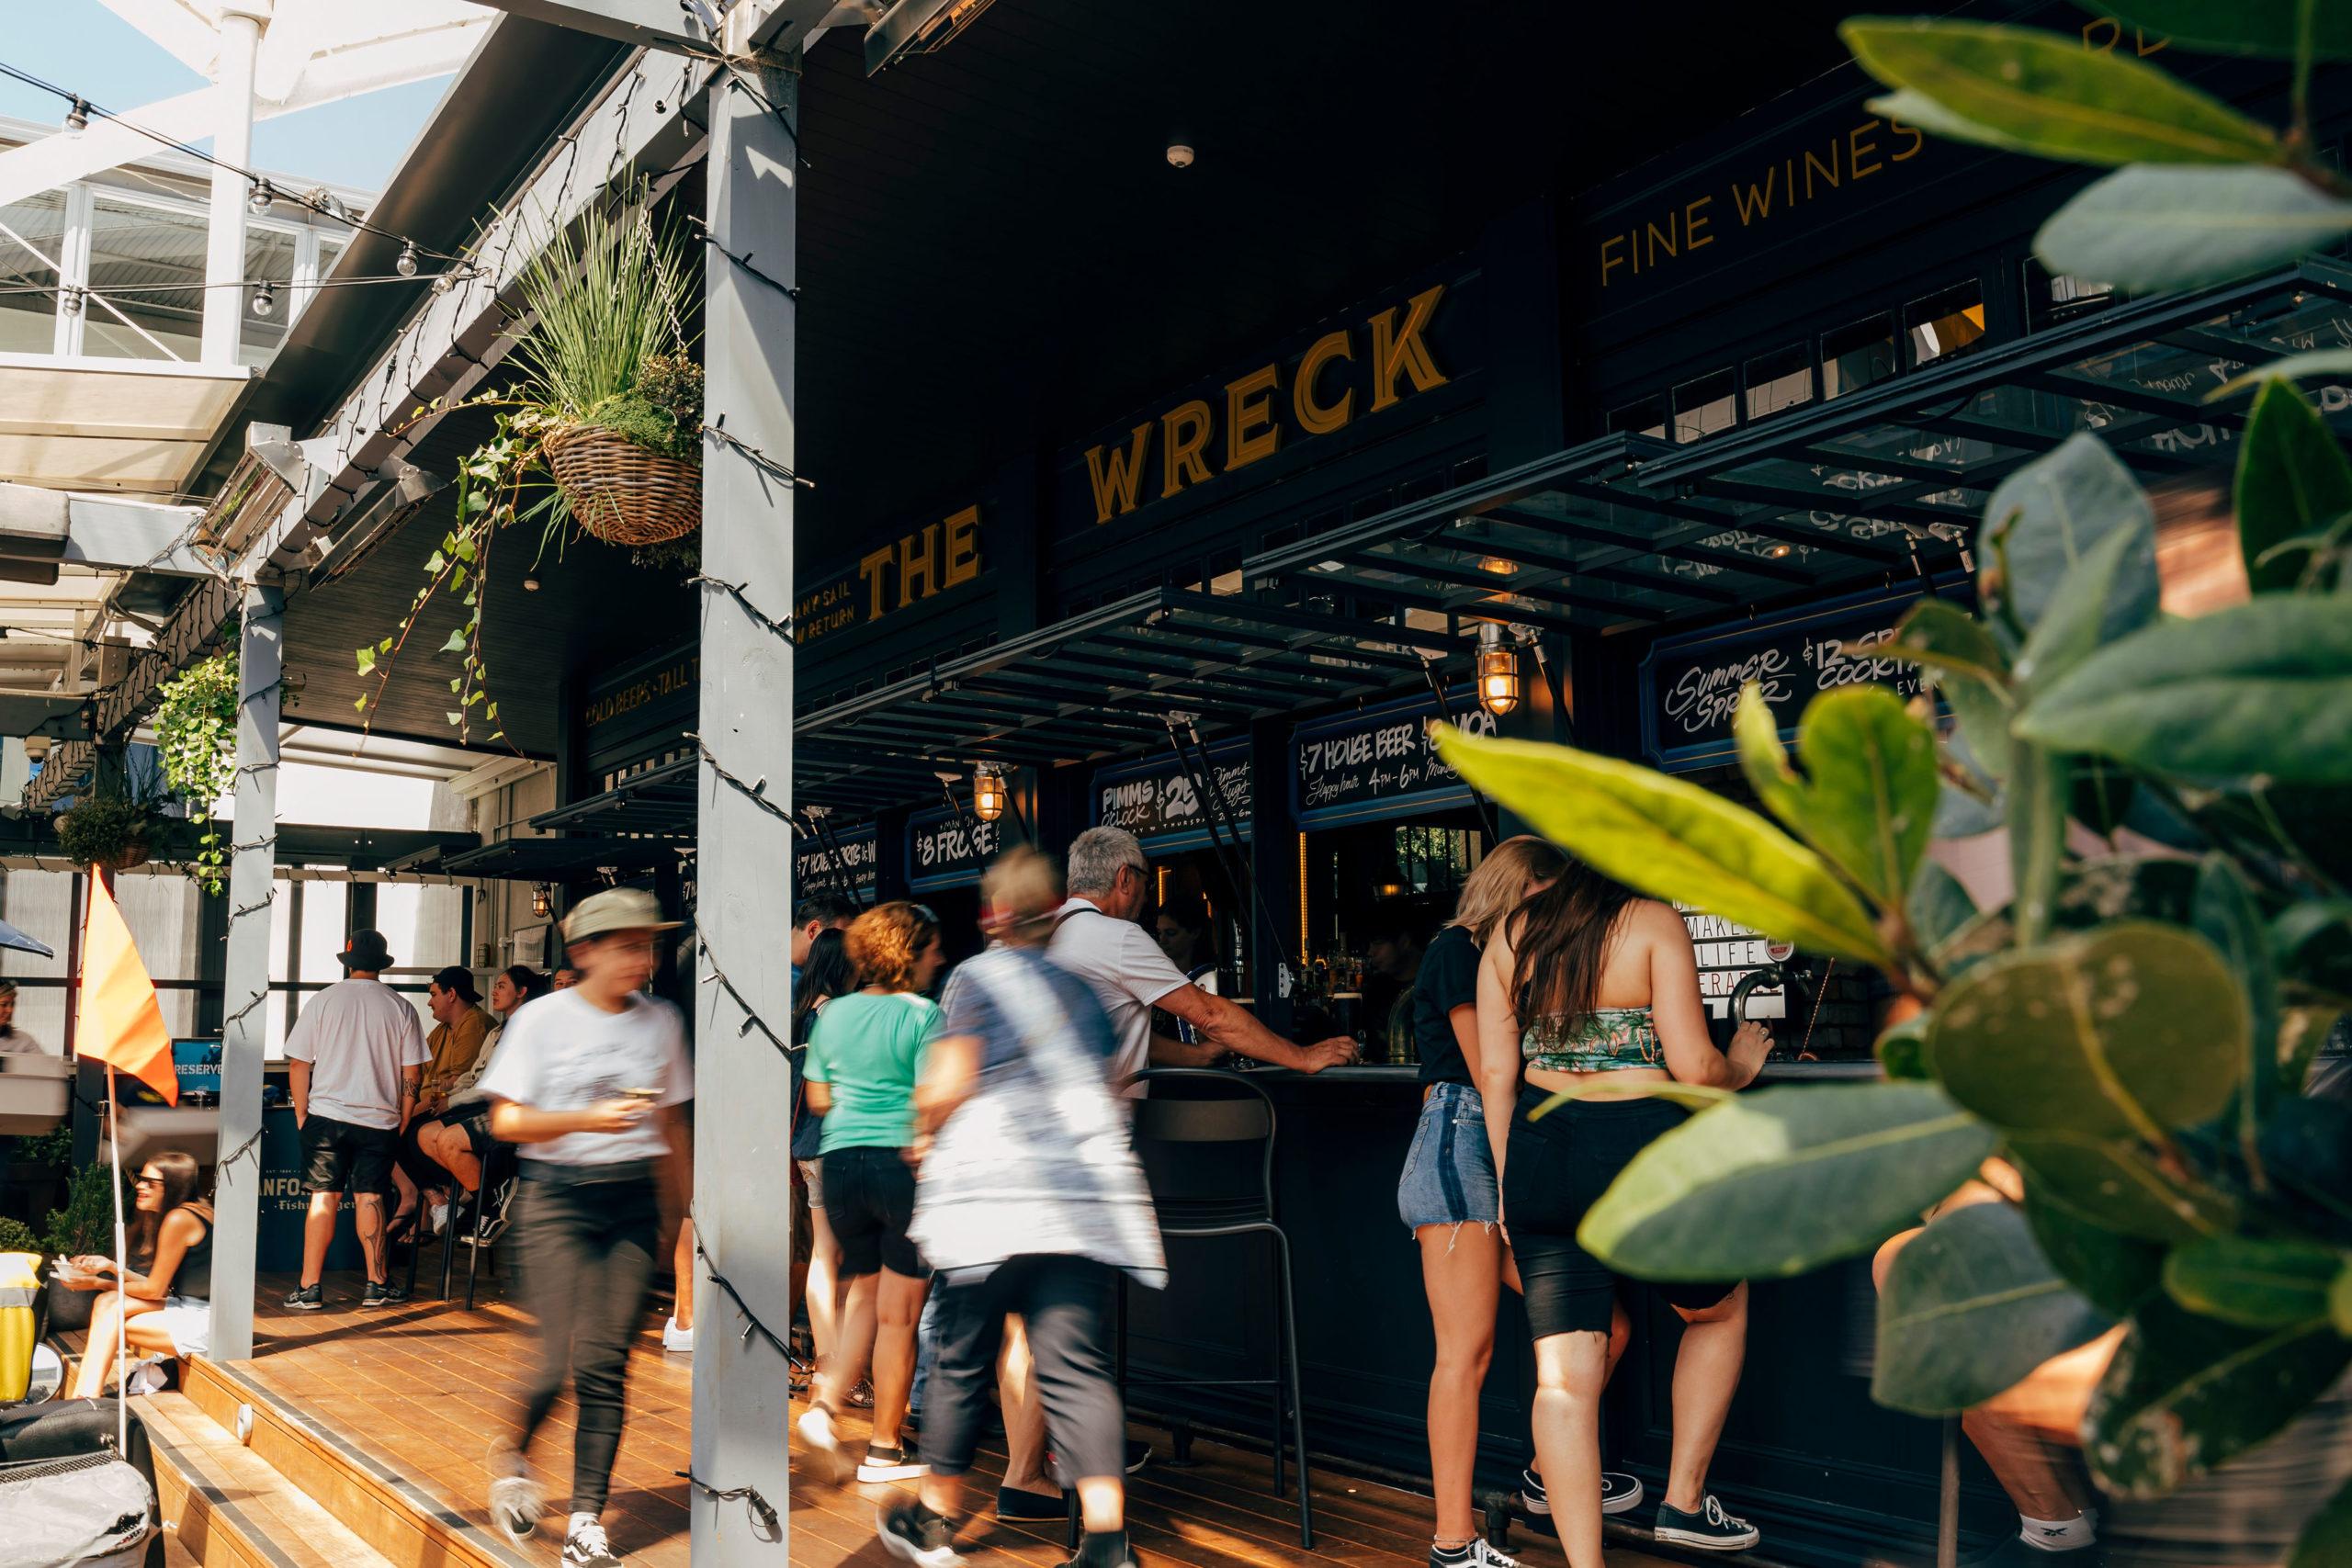 The Wreck @ AFM